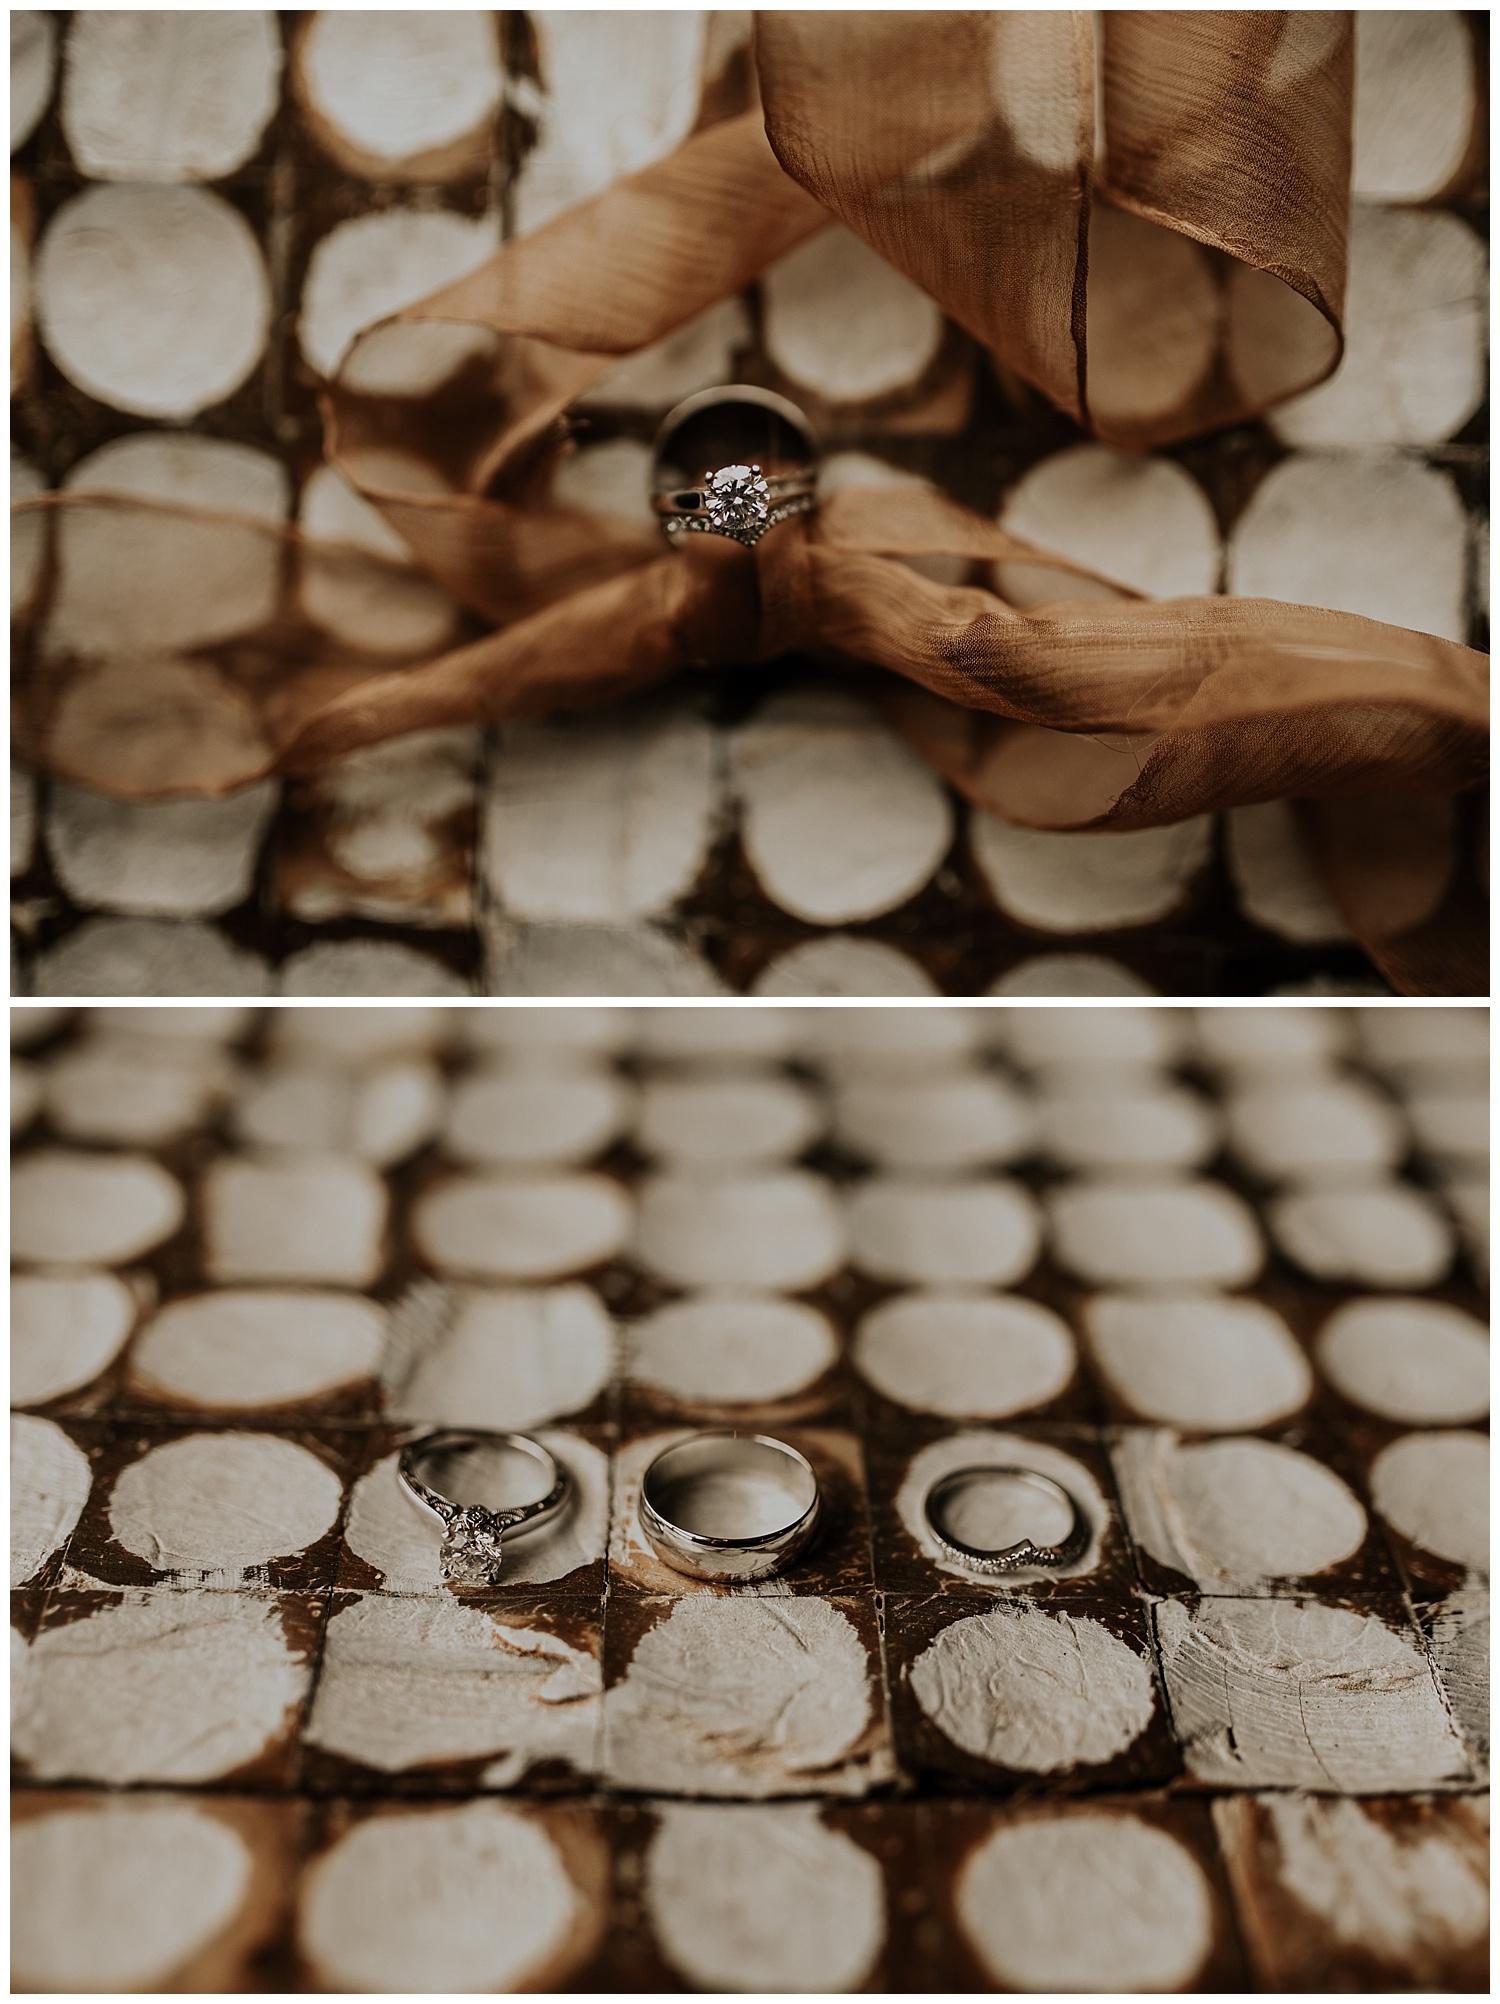 Laken-Mackenzie-Photography-Ulrich-Wedding-Piazza-In-the-Village-Dallas-Fort-Worth-Wedding-Photographer05.jpg